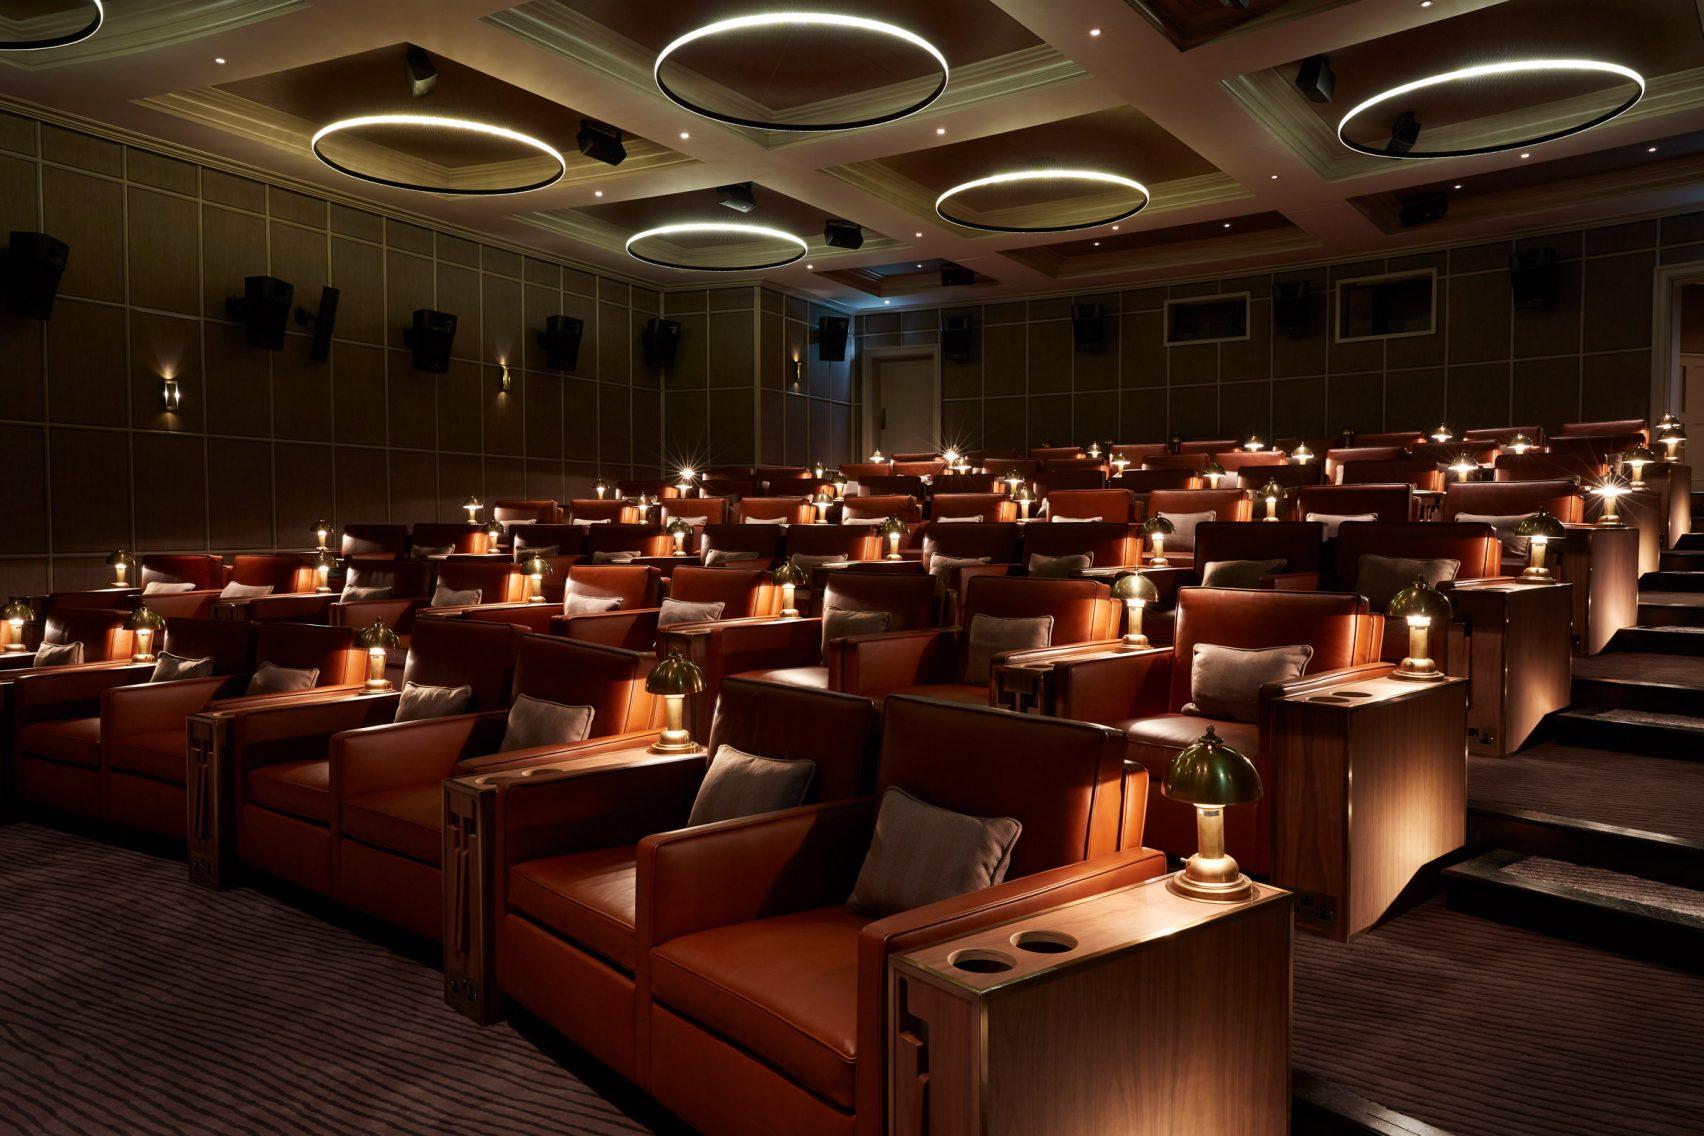 Una sala de cine en el sótano / Peter Cook